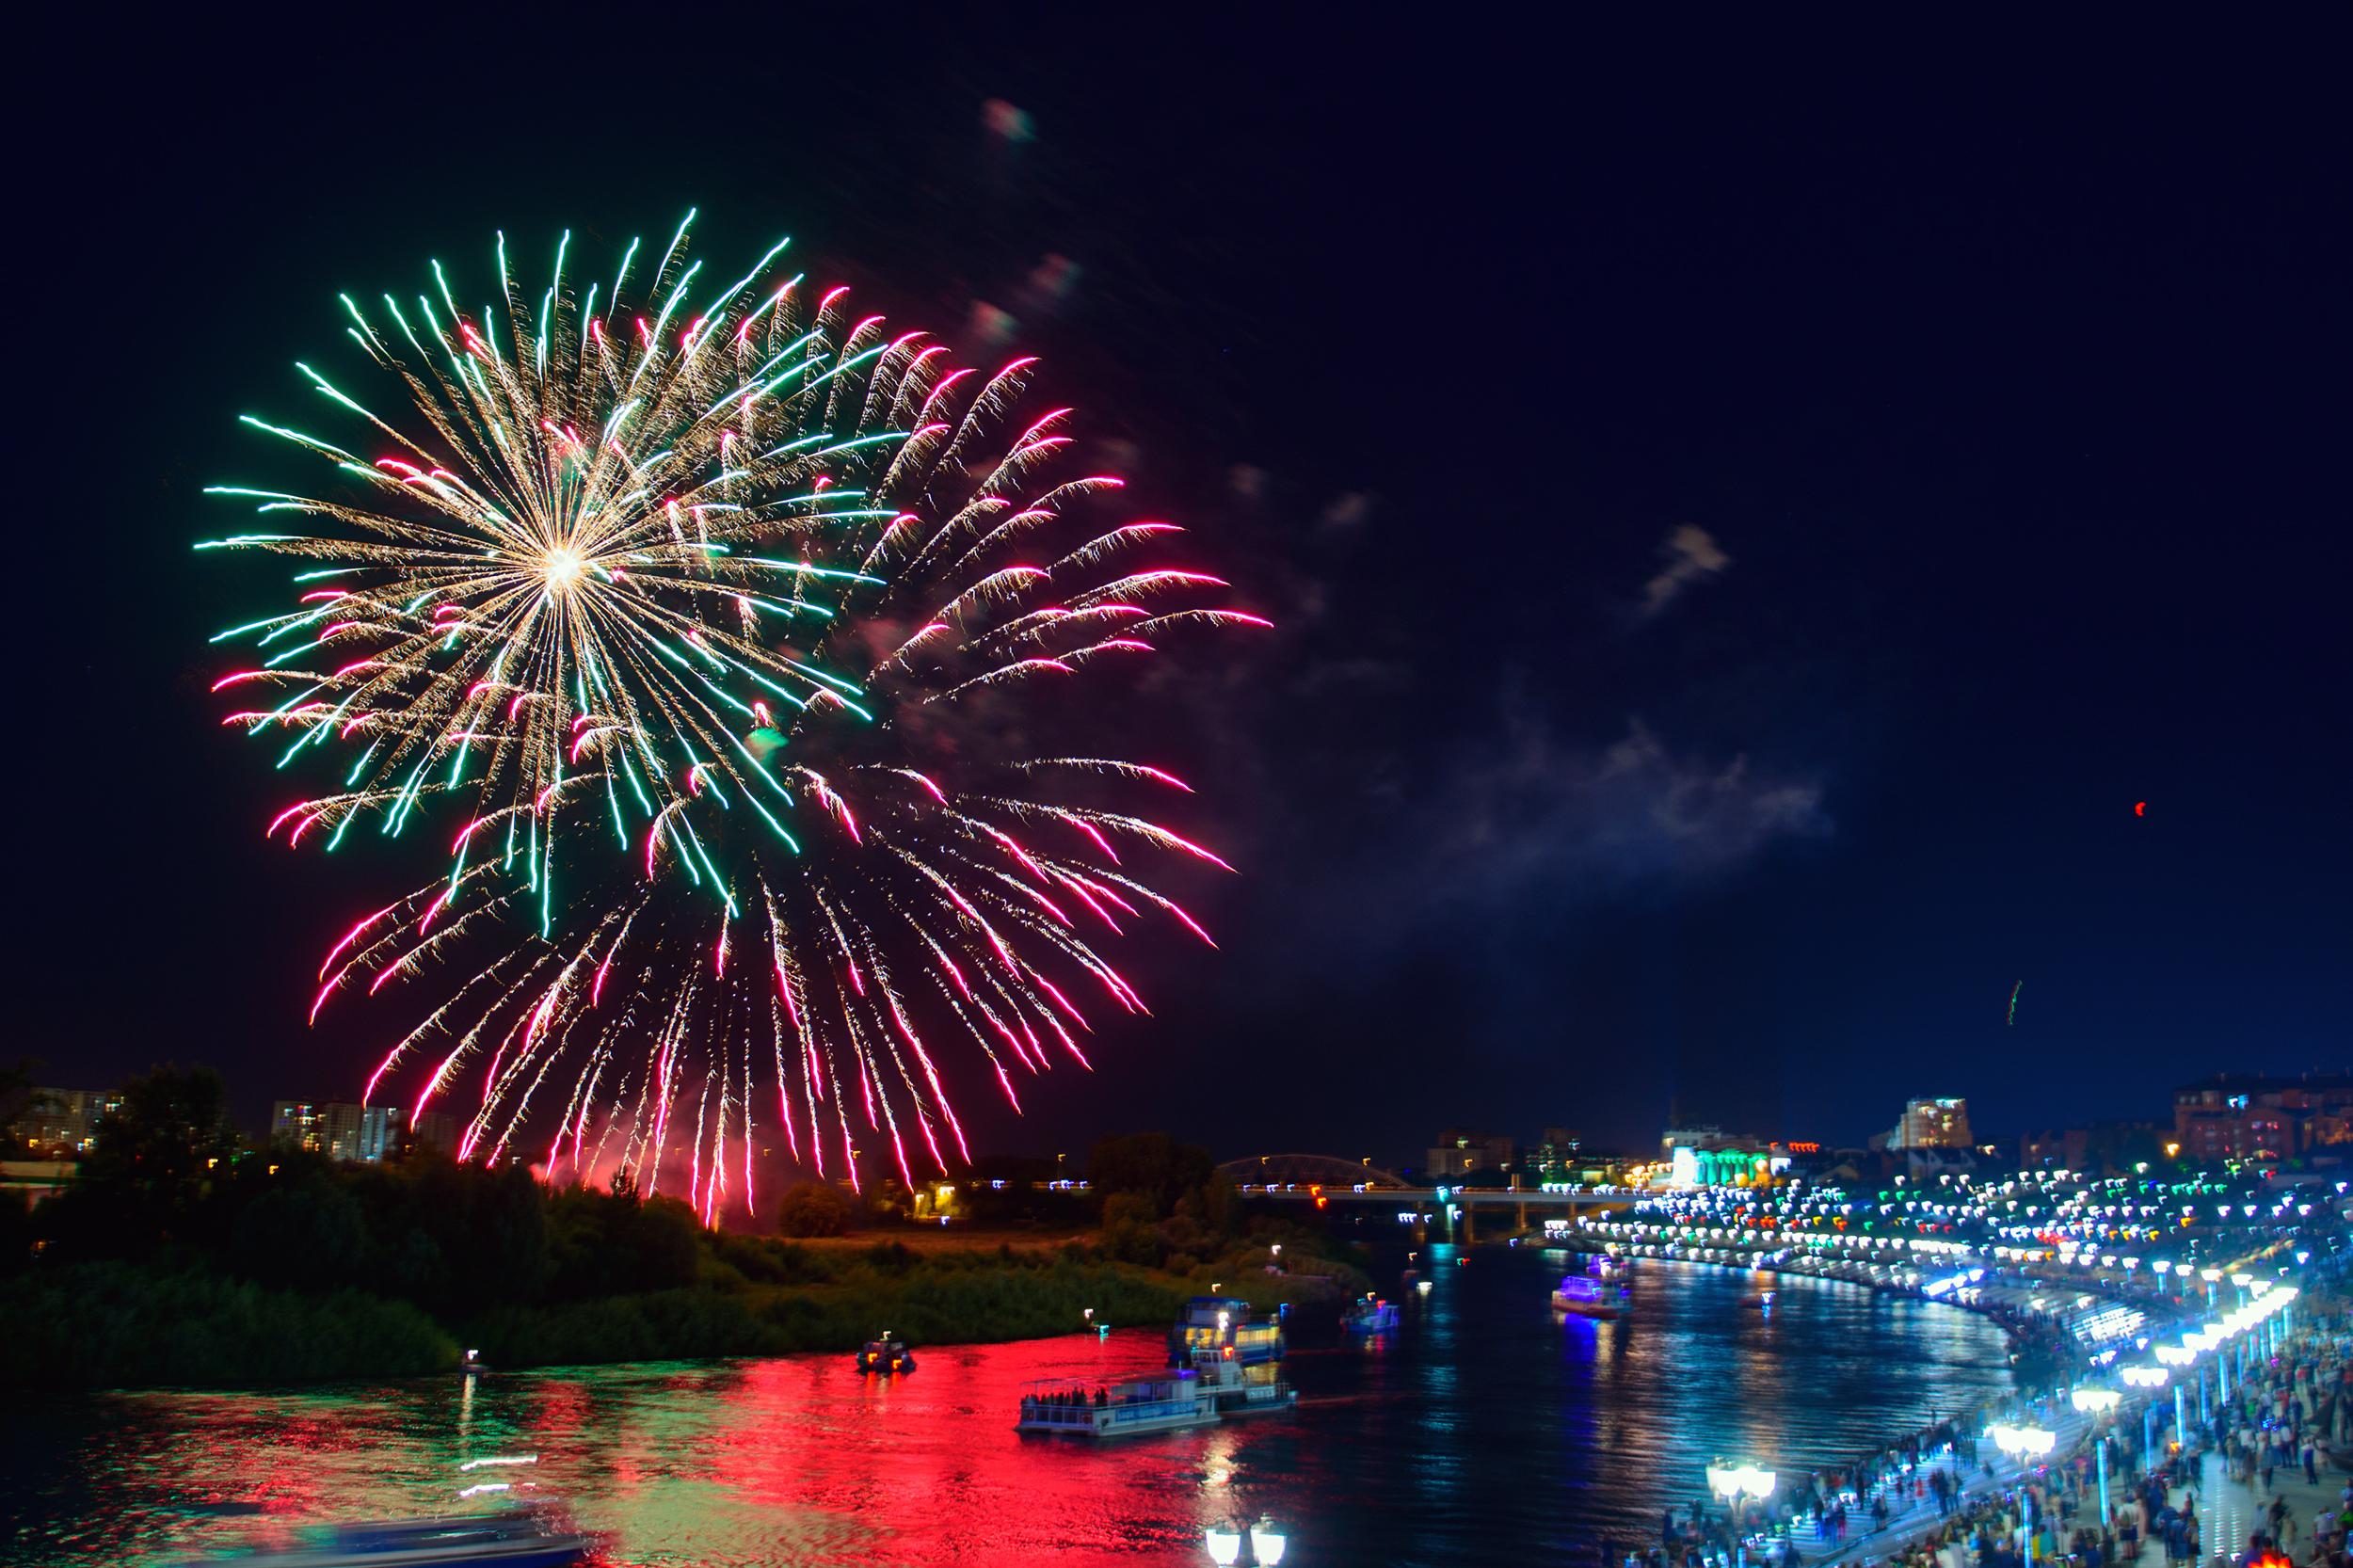 День города в Тюмени 2018 поздравления, стихи, смс 14